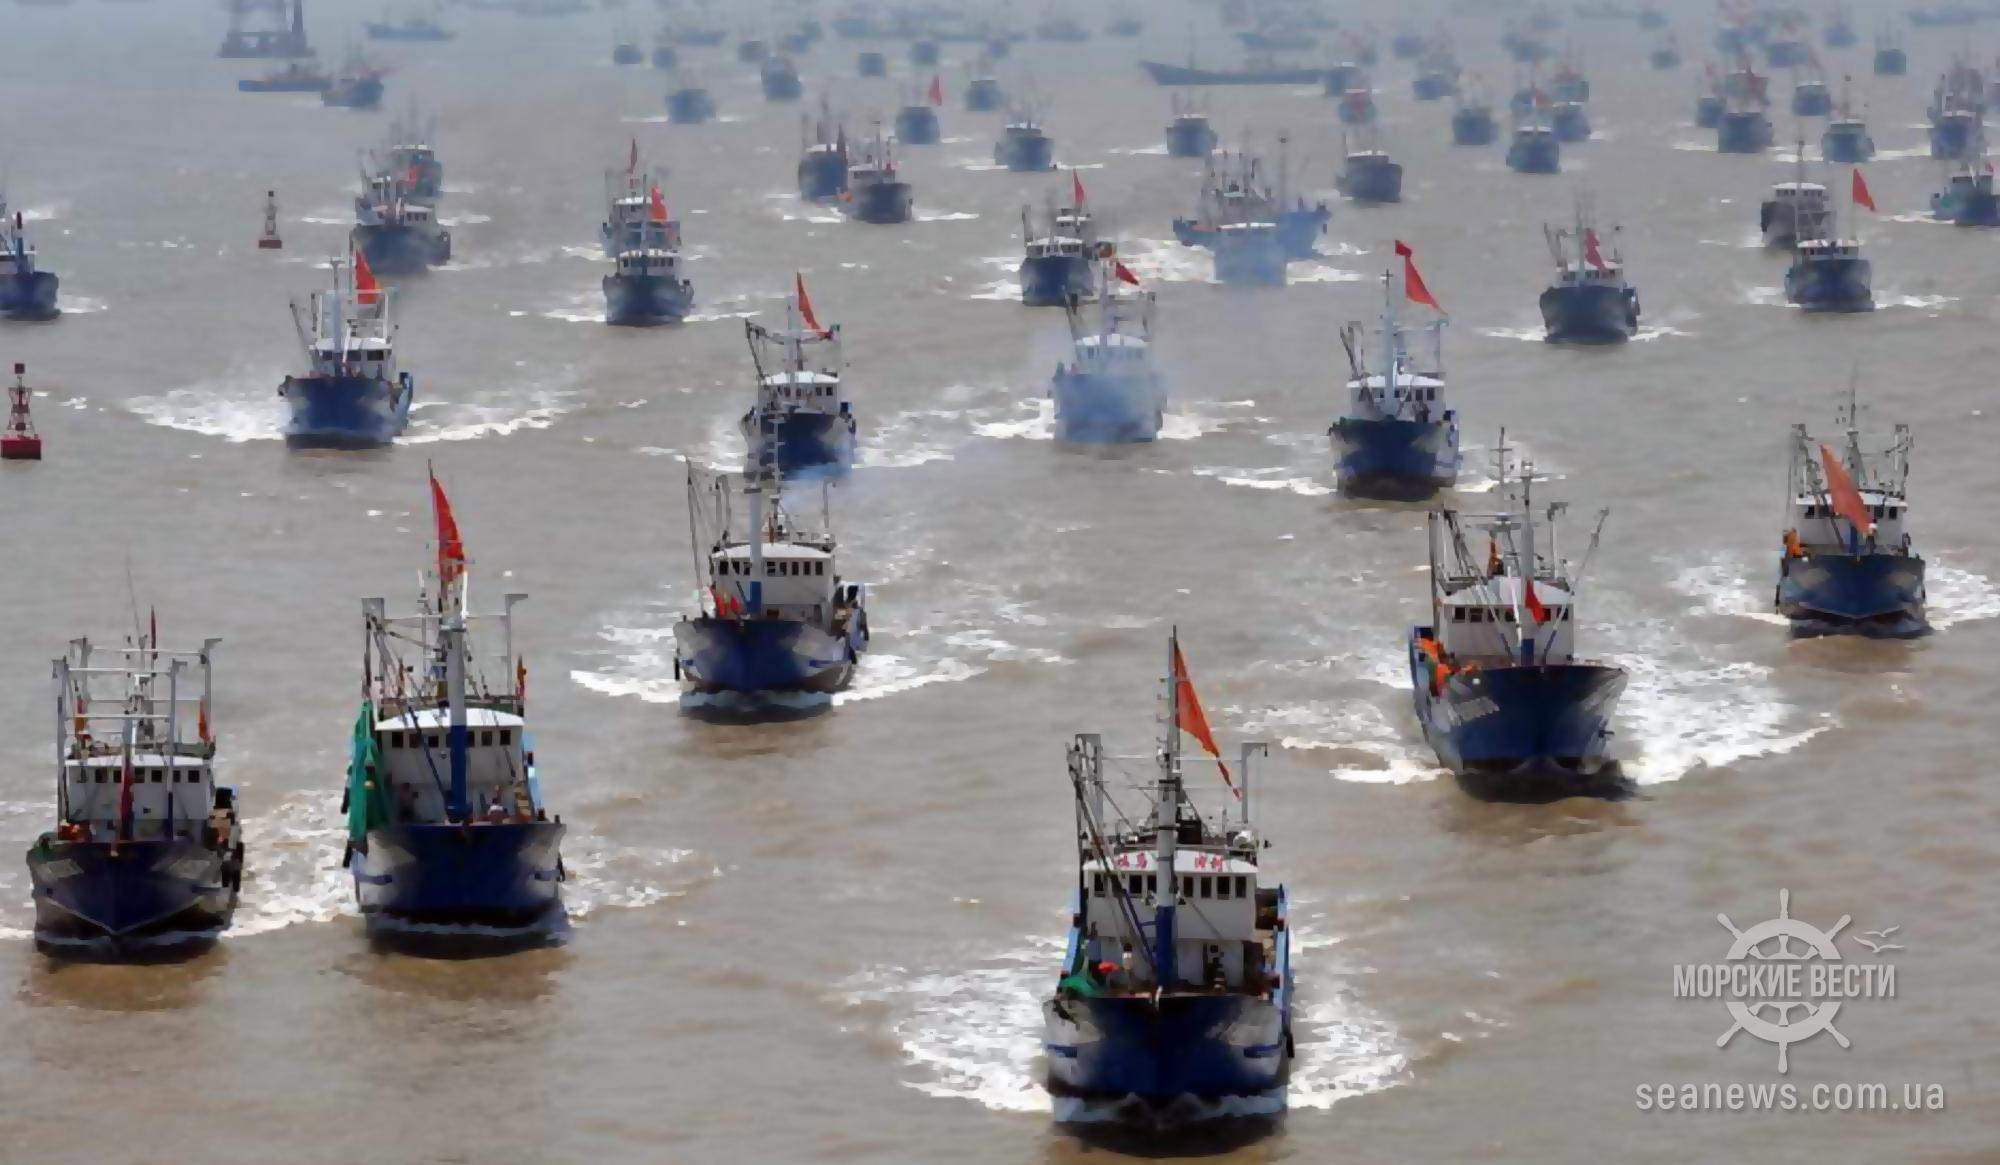 Как спутники помогут искоренить рабство в море